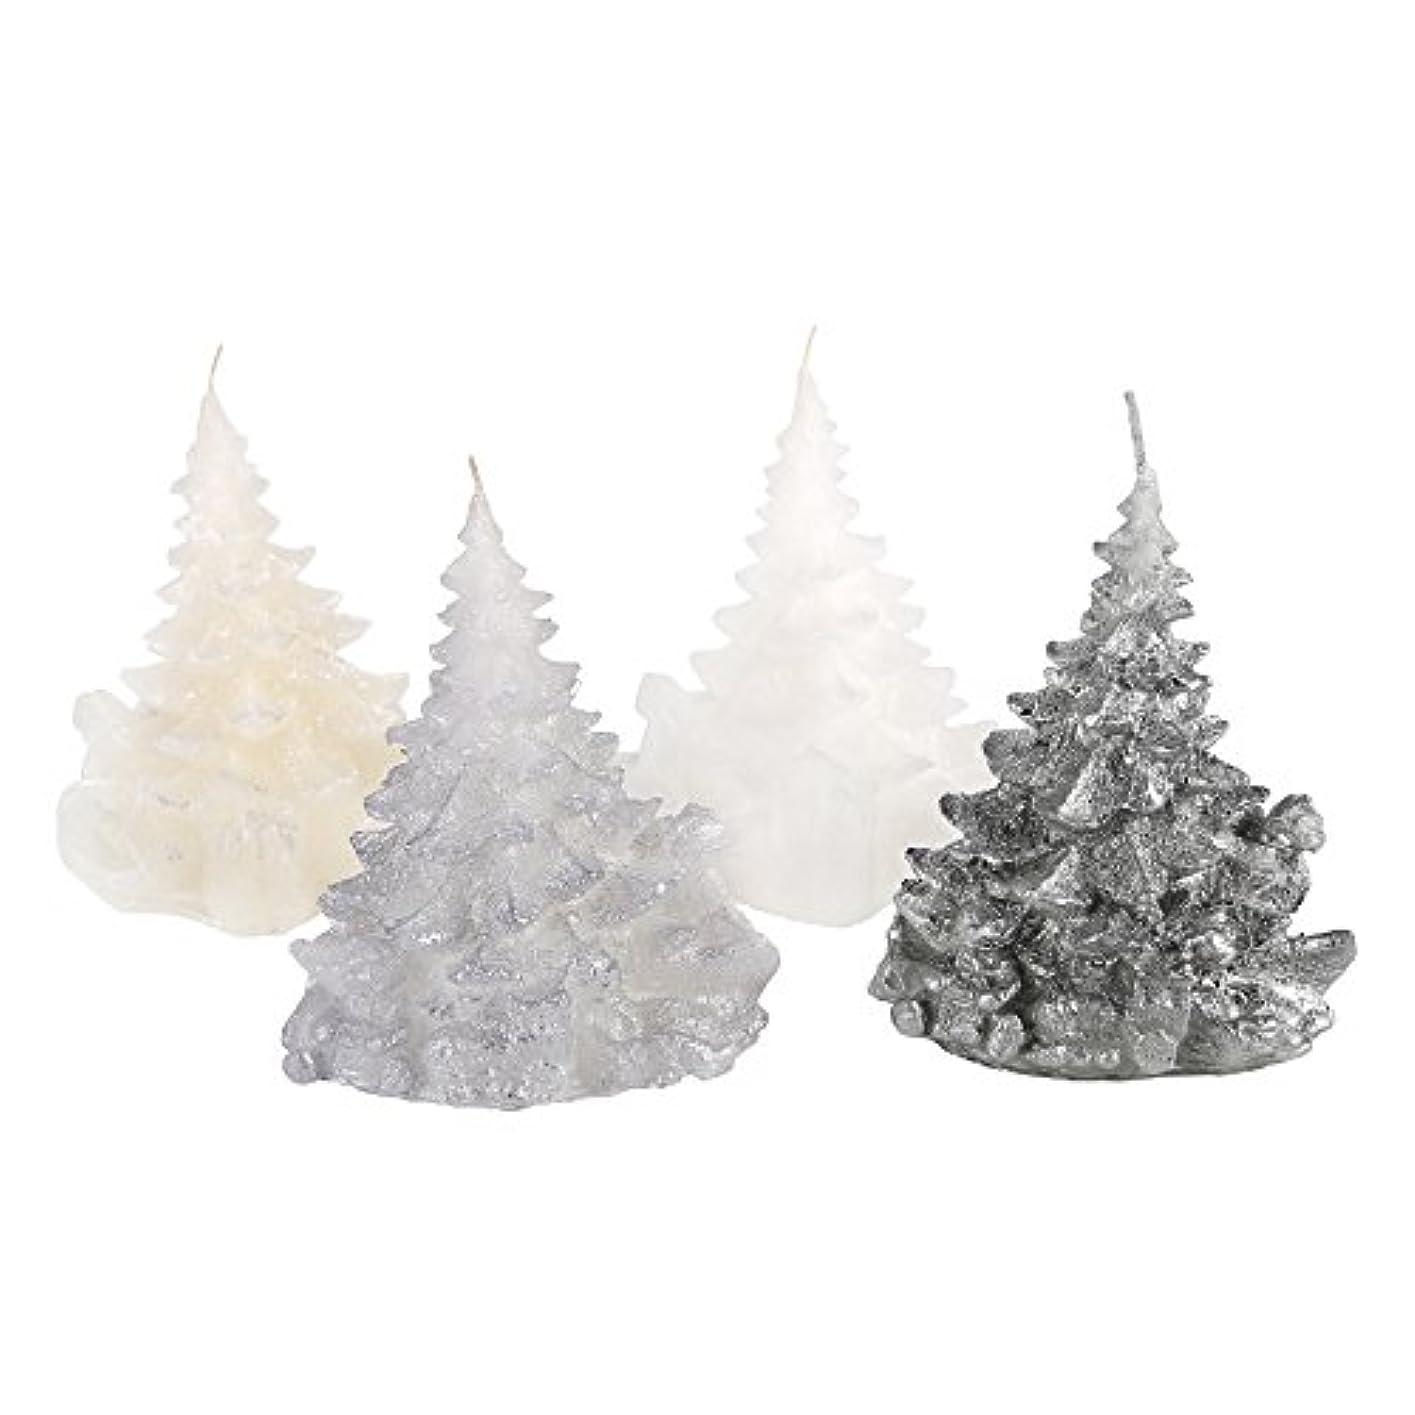 オープニング仮説ホーンCandle Atelierハンドメイド休日キャンドル Merry Christmas Trees 4F1-CTP1VTW-0SP